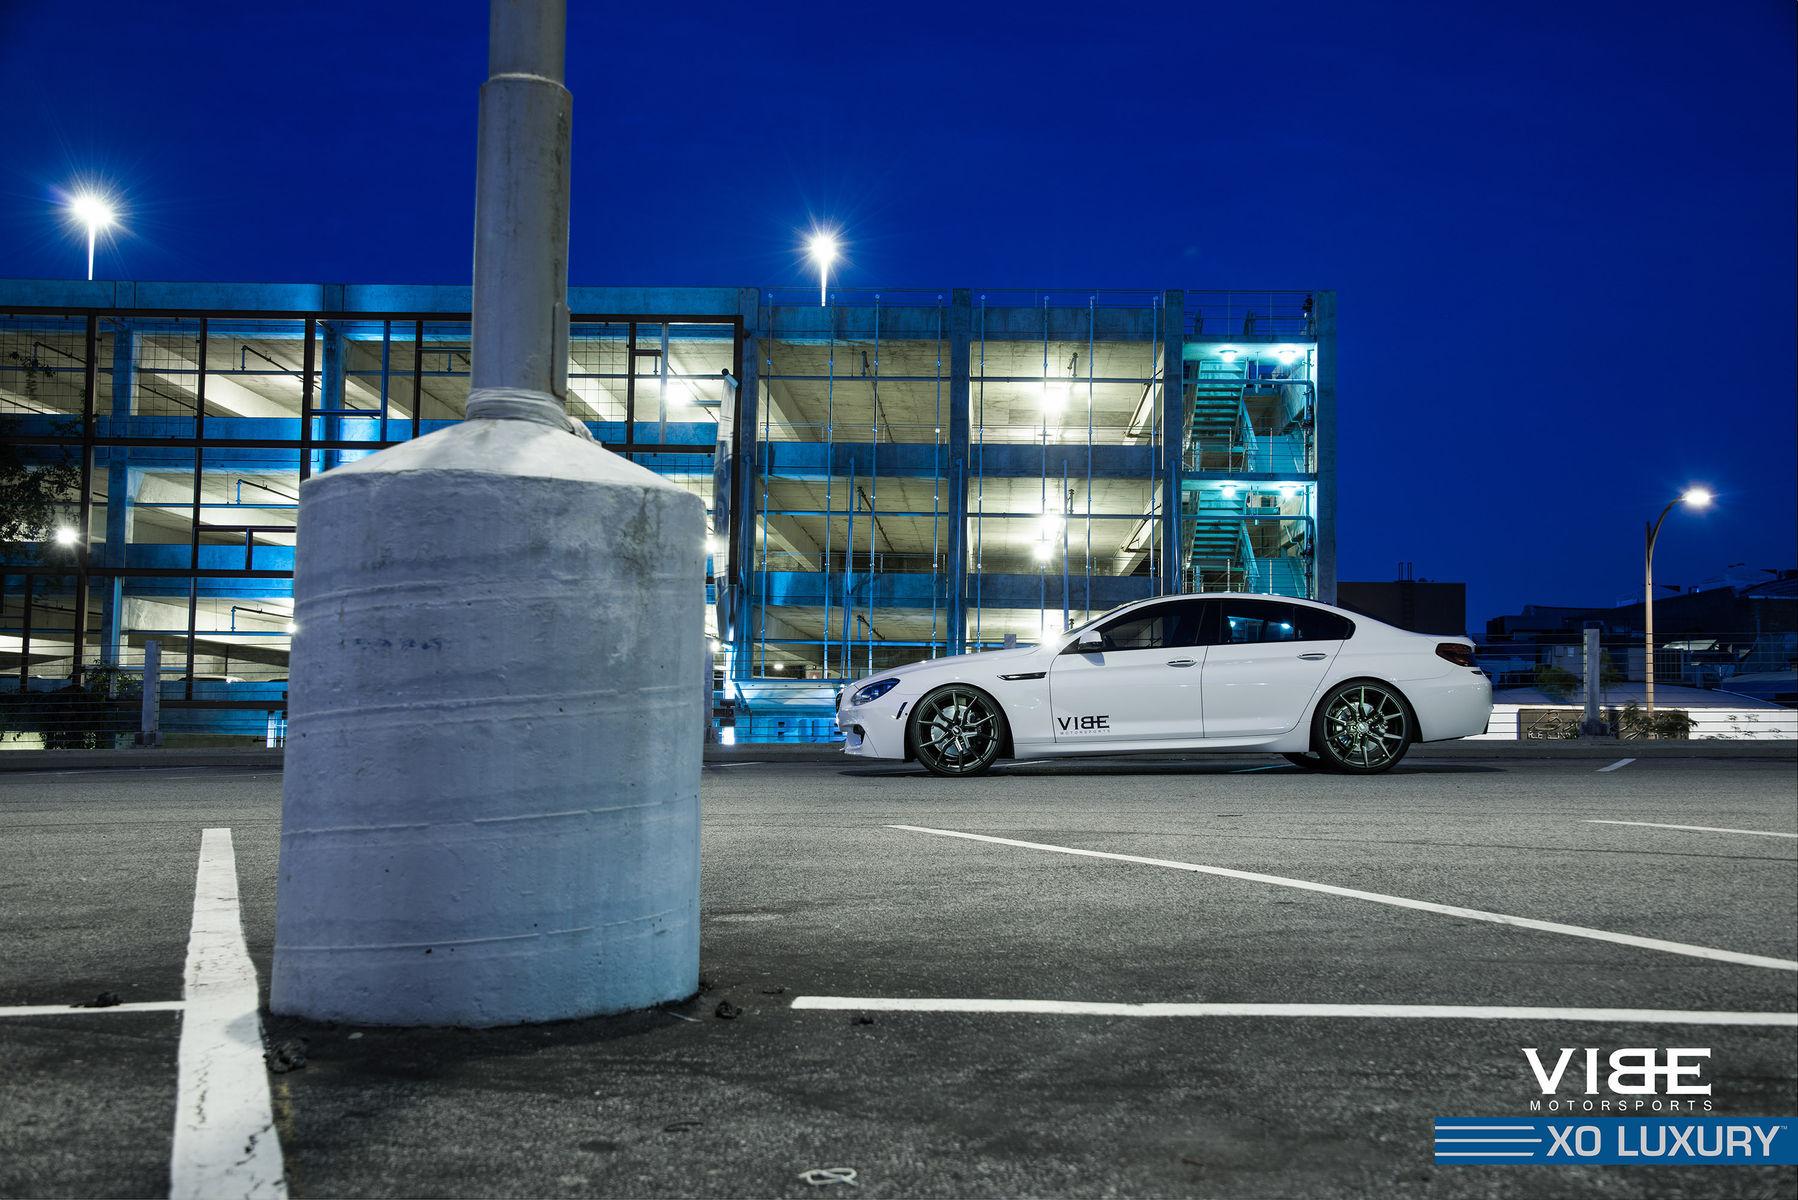 2014 BMW 6 Series Gran Coupe | '14 BMW 650li on 22's - Photo Shoot